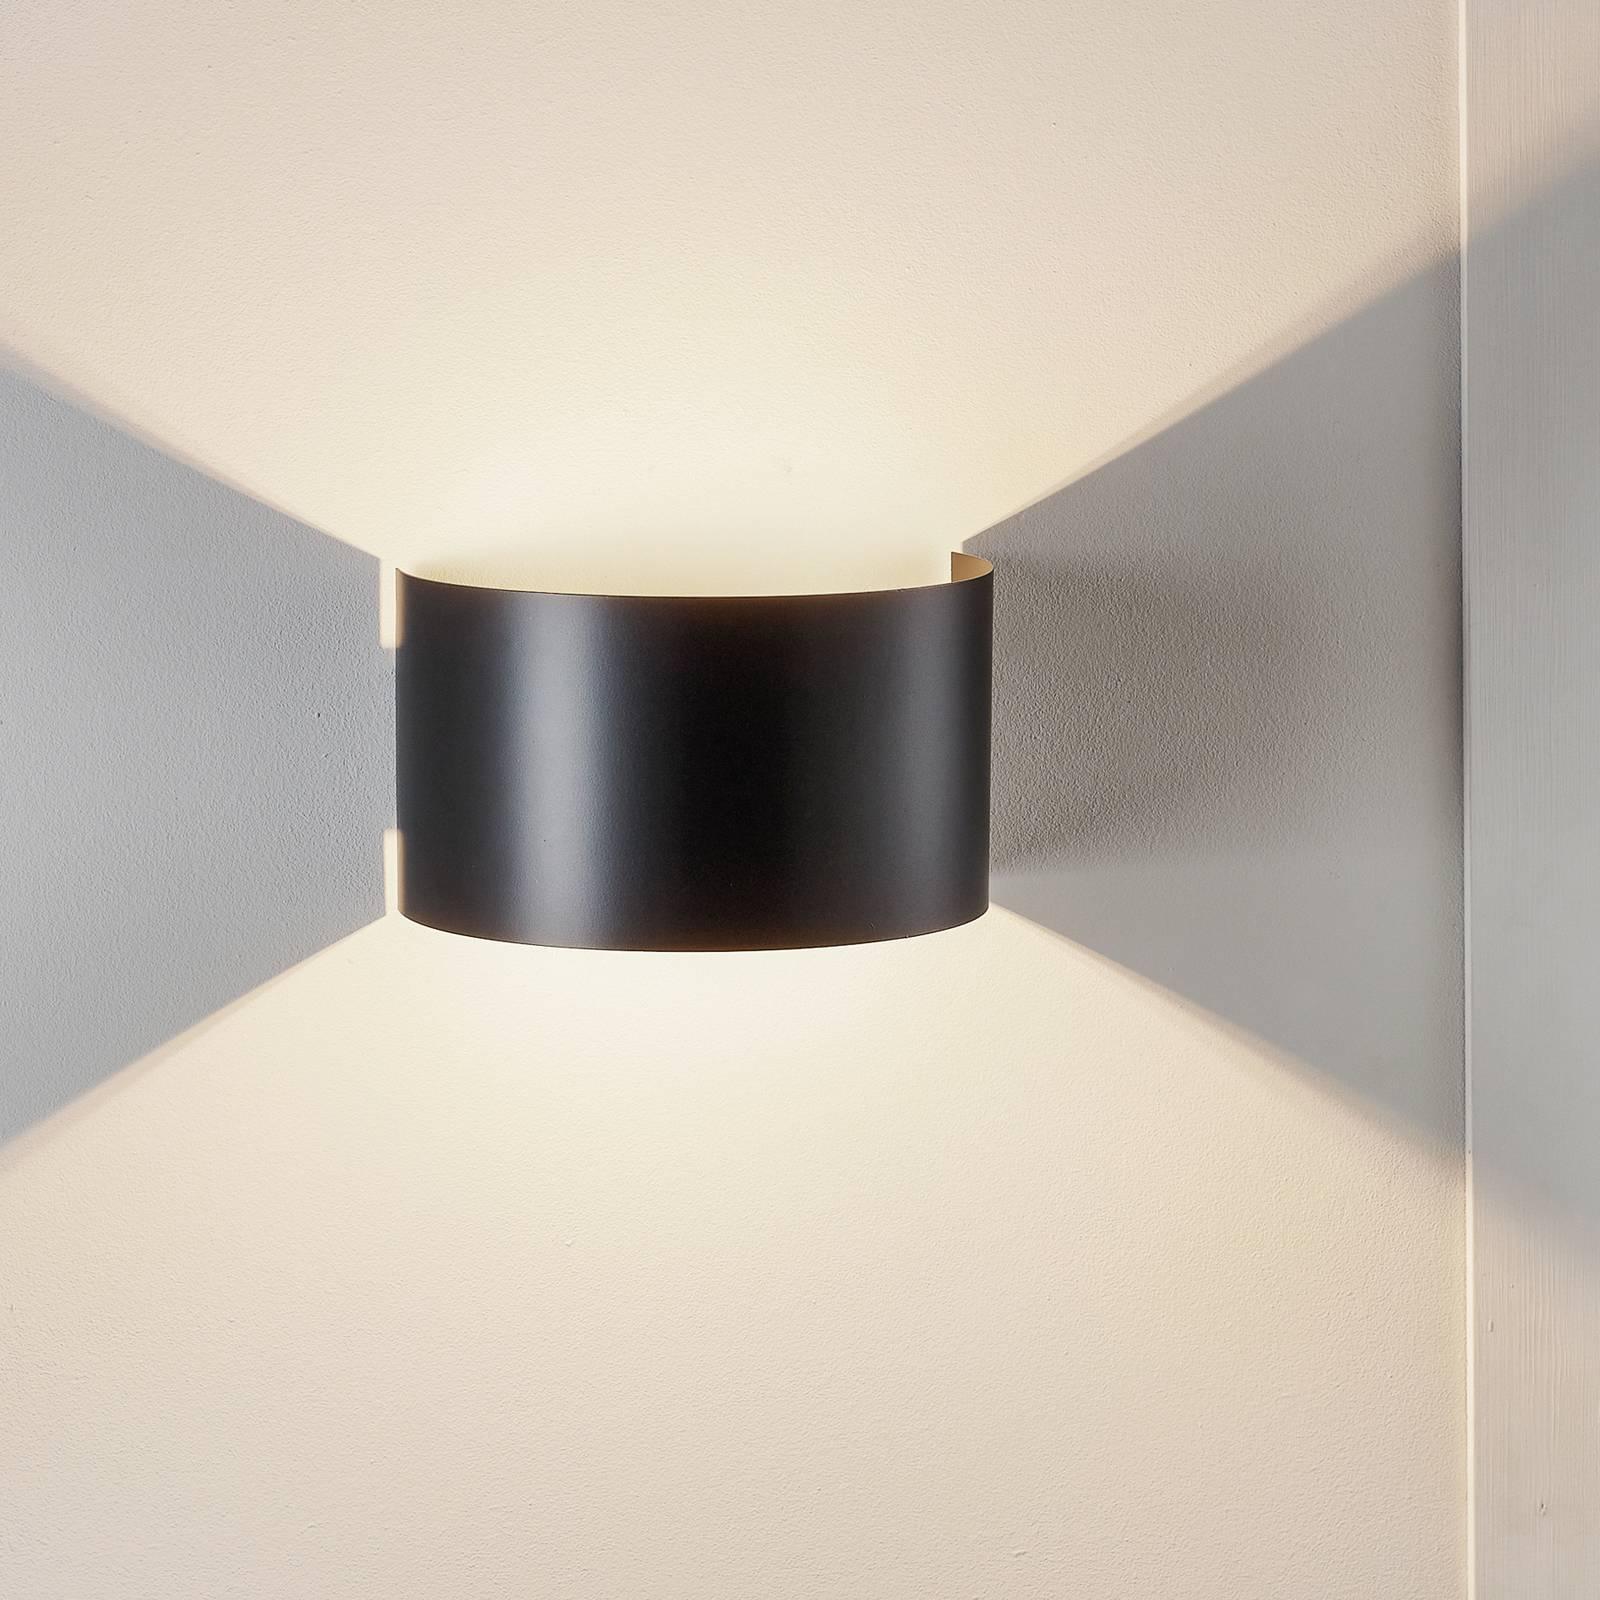 Billede af Fold væglampe med buet skærm i sort